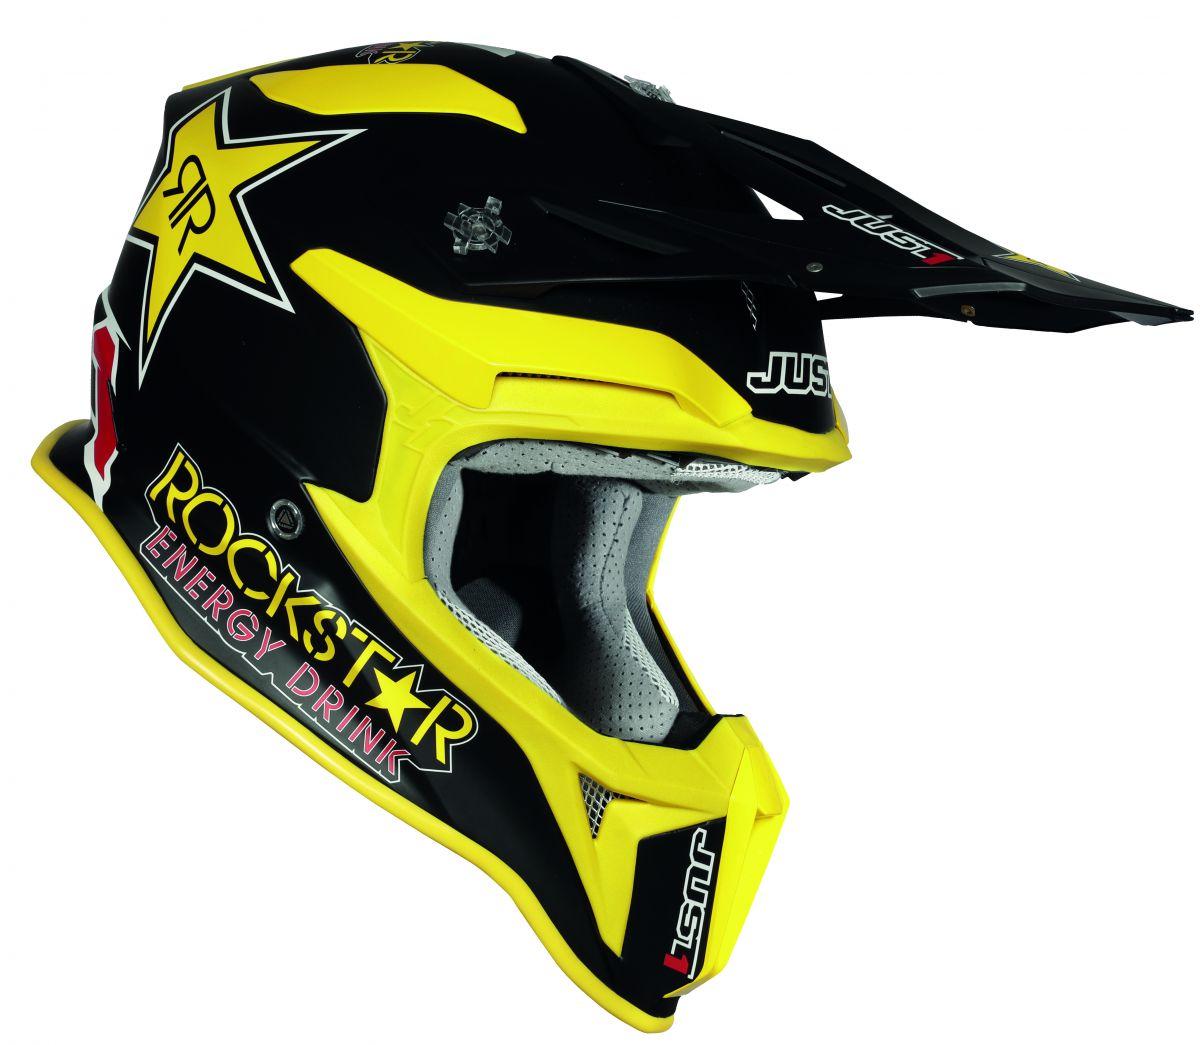 JUST1 Helmet J18 MIPS Pulsar Rockstar 60-L